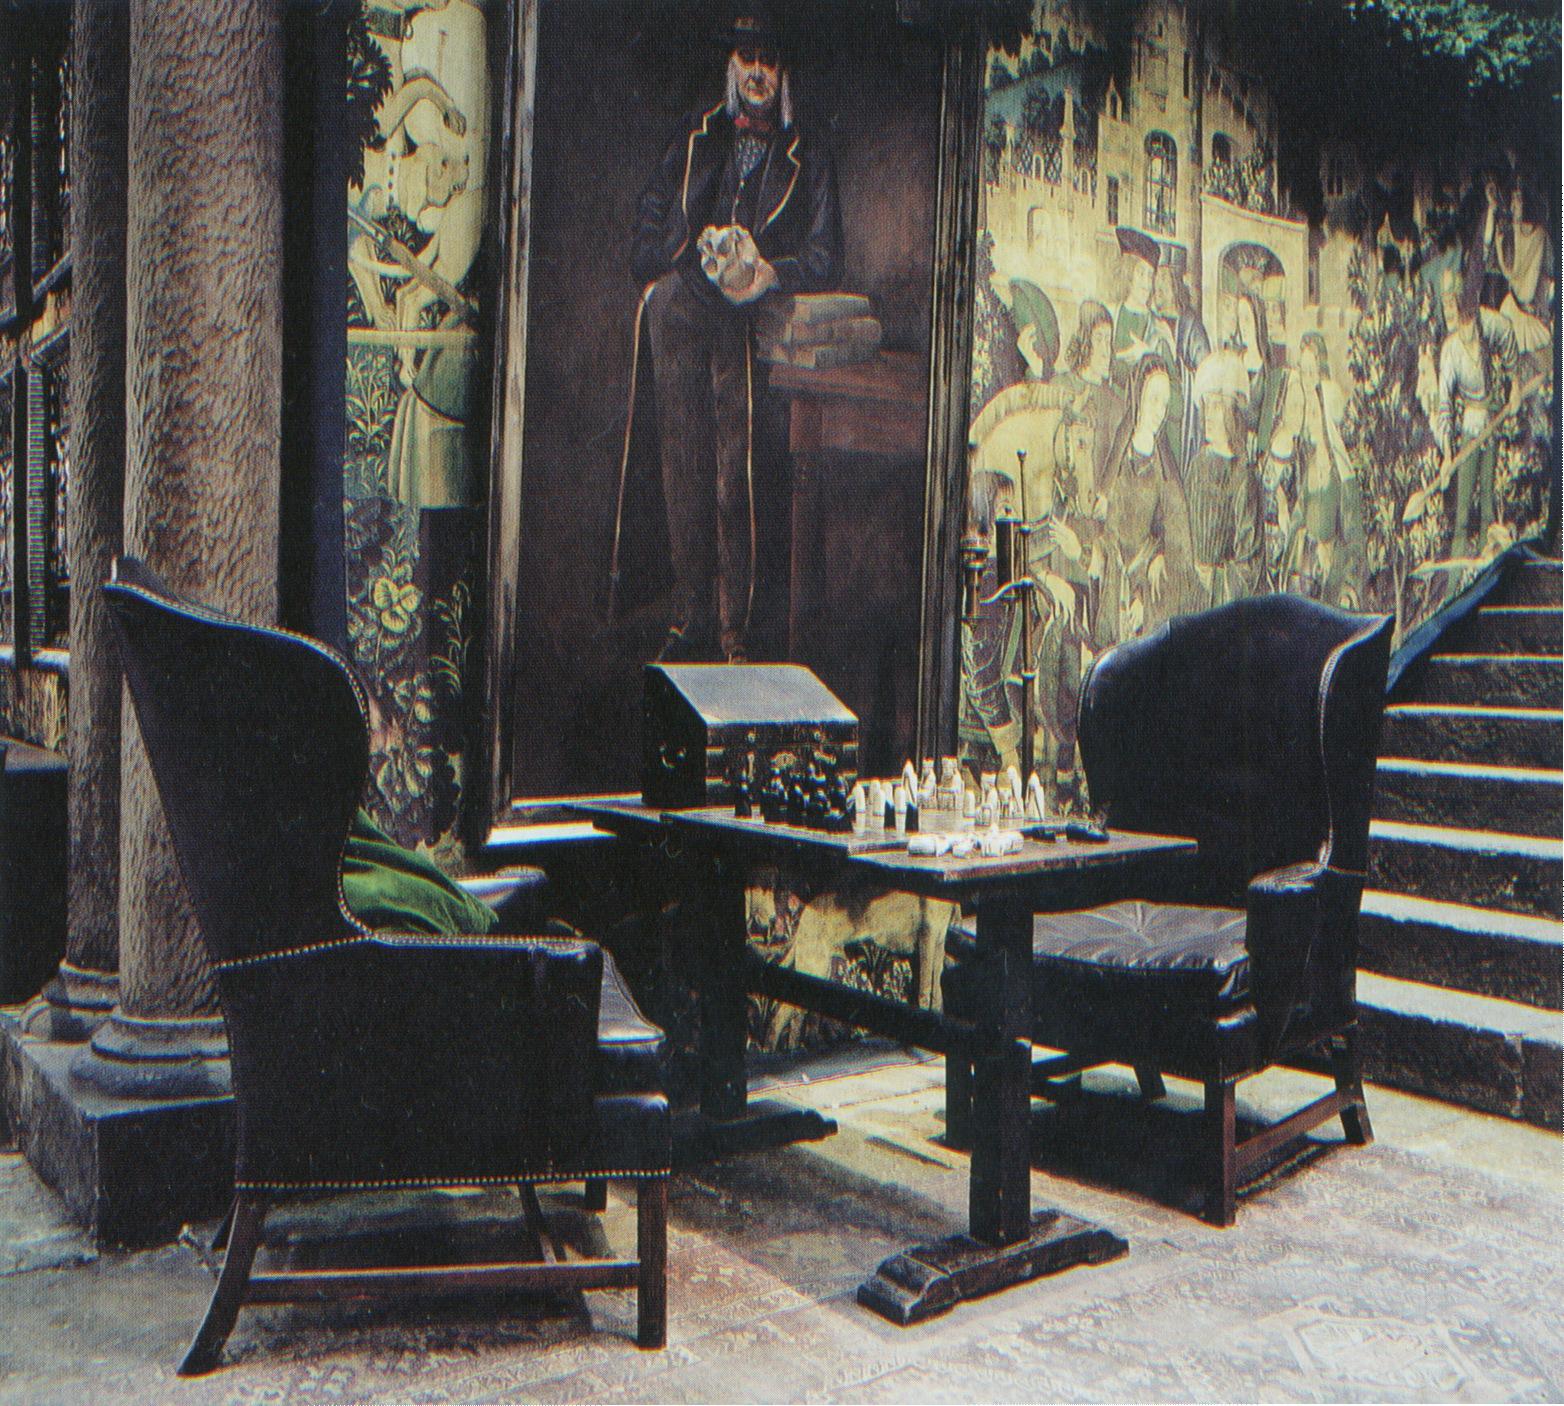 die h user und ihre gemeinschaftsr ume harry potter fanarts und fanfiction harry potter rpg. Black Bedroom Furniture Sets. Home Design Ideas